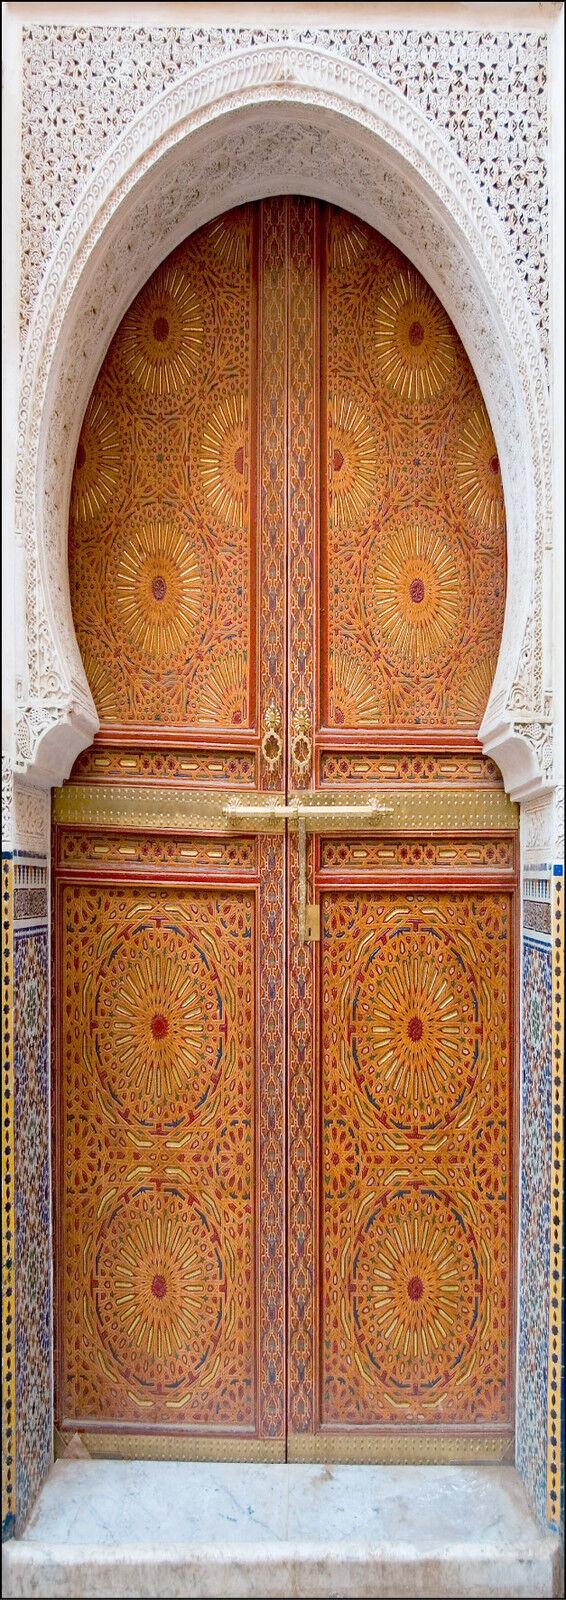 Cartel Póster Puerta Decoración Trampantojo Ojo Oriental Ref 058-4 Tallas